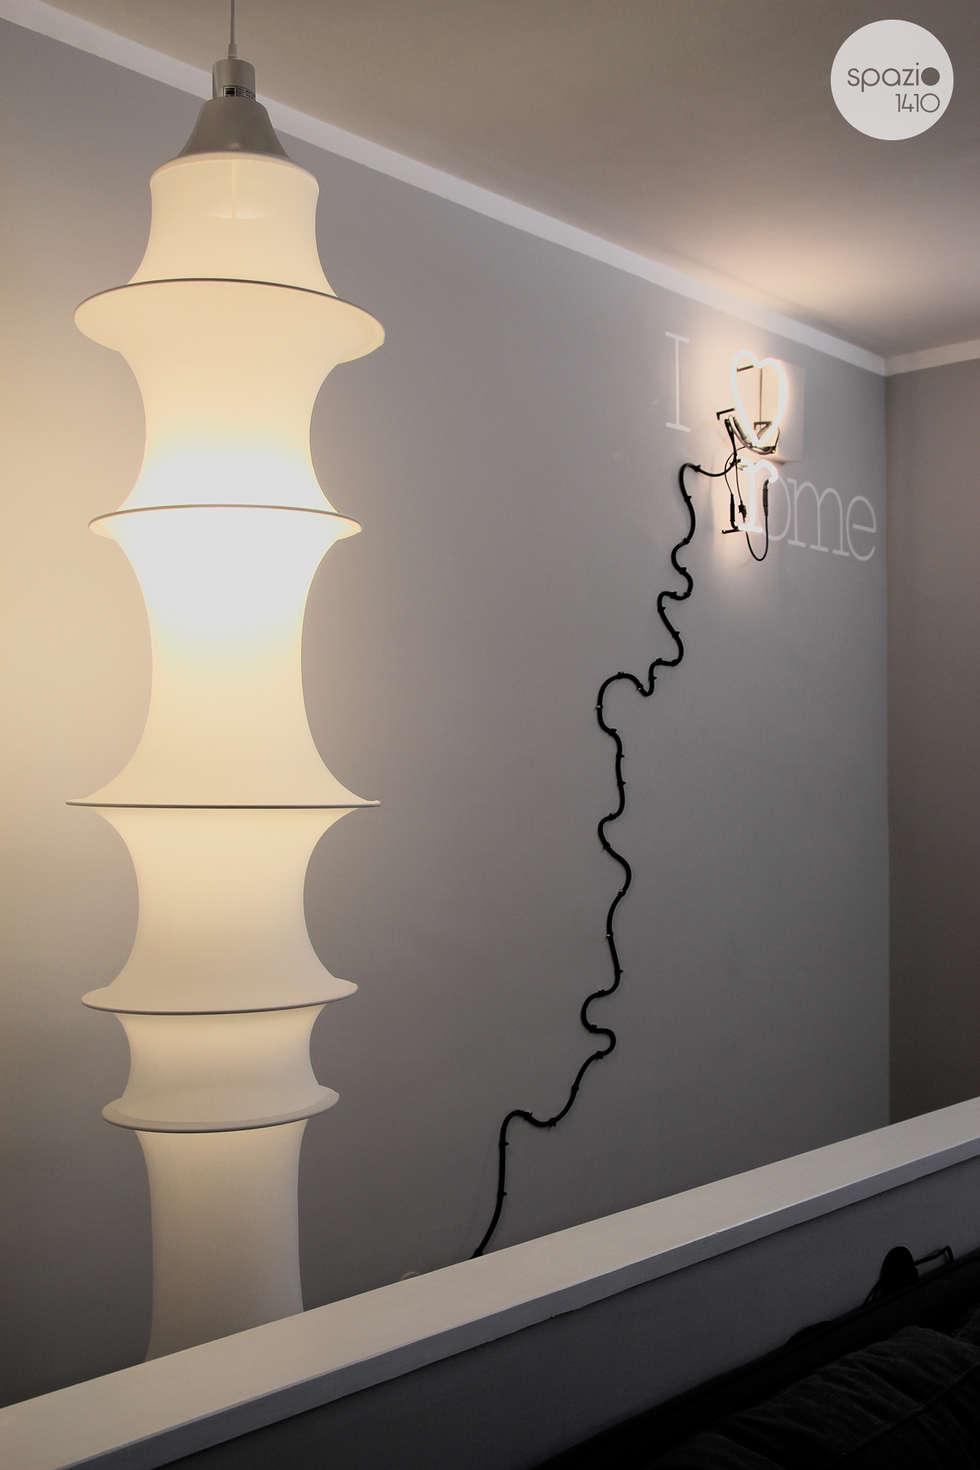 La parete delle scale: Soggiorno in stile in stile Moderno di Spazio 14 10 di Stella Passerini